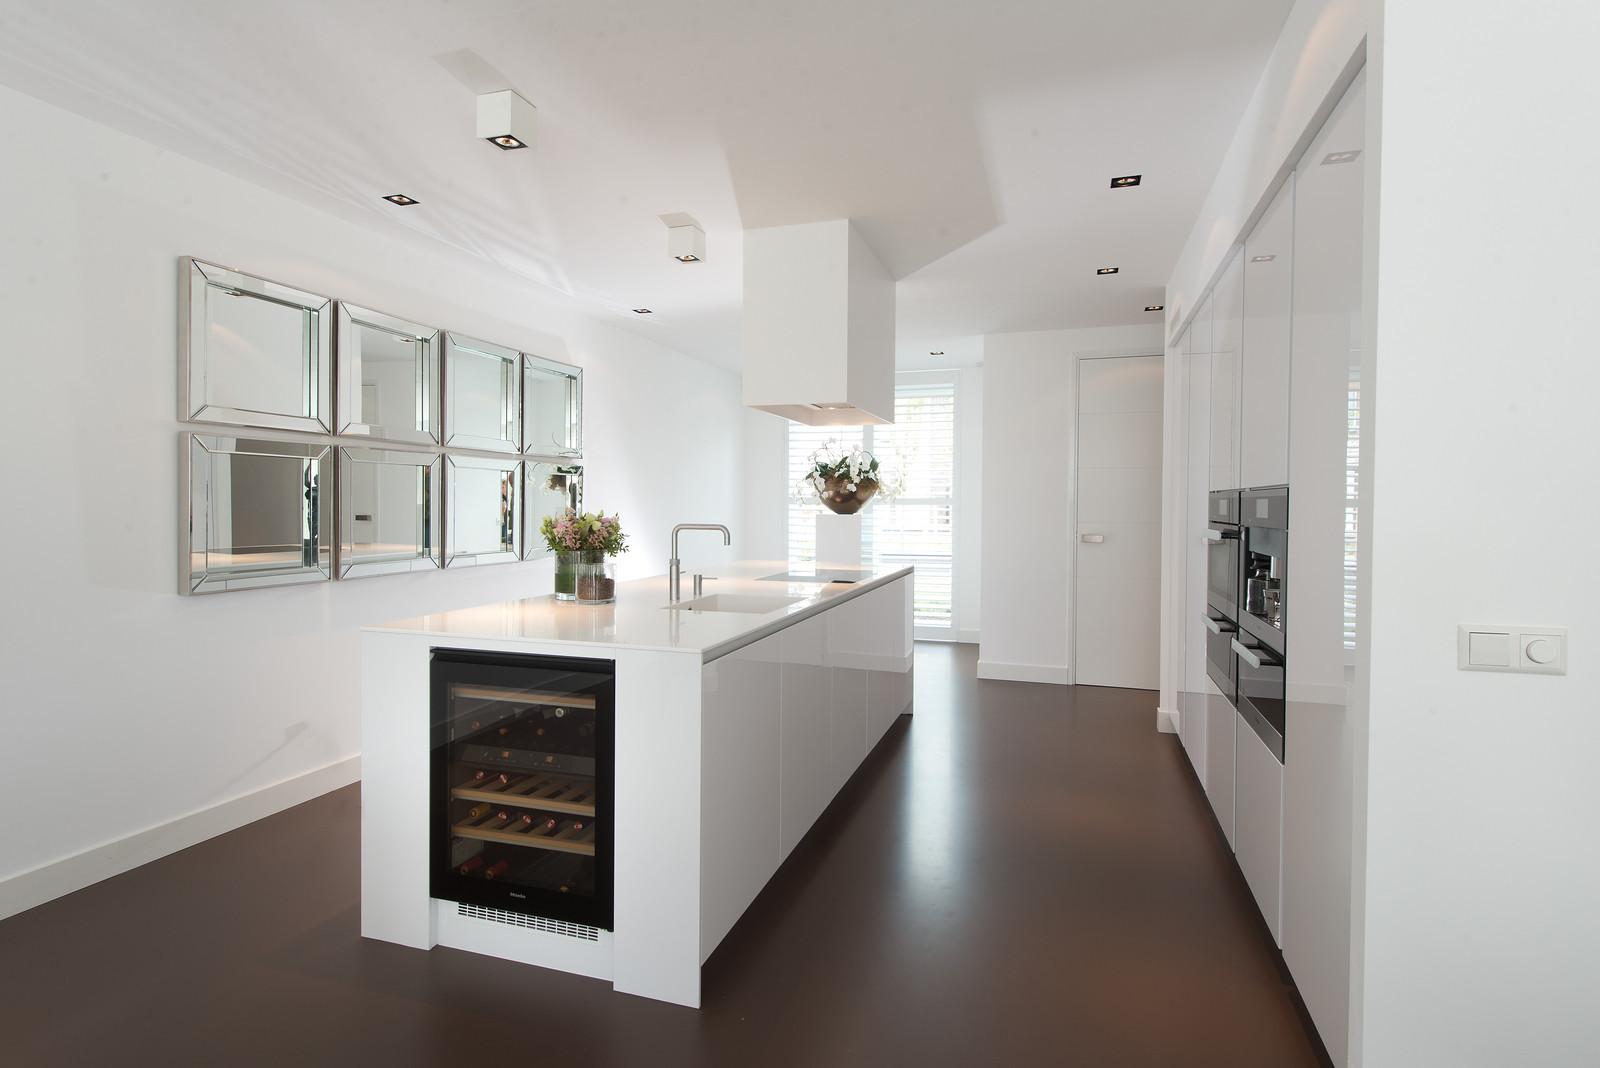 Kleur plafond woonkamer tg wonen woonmagazine - Kleur witte keuken ...